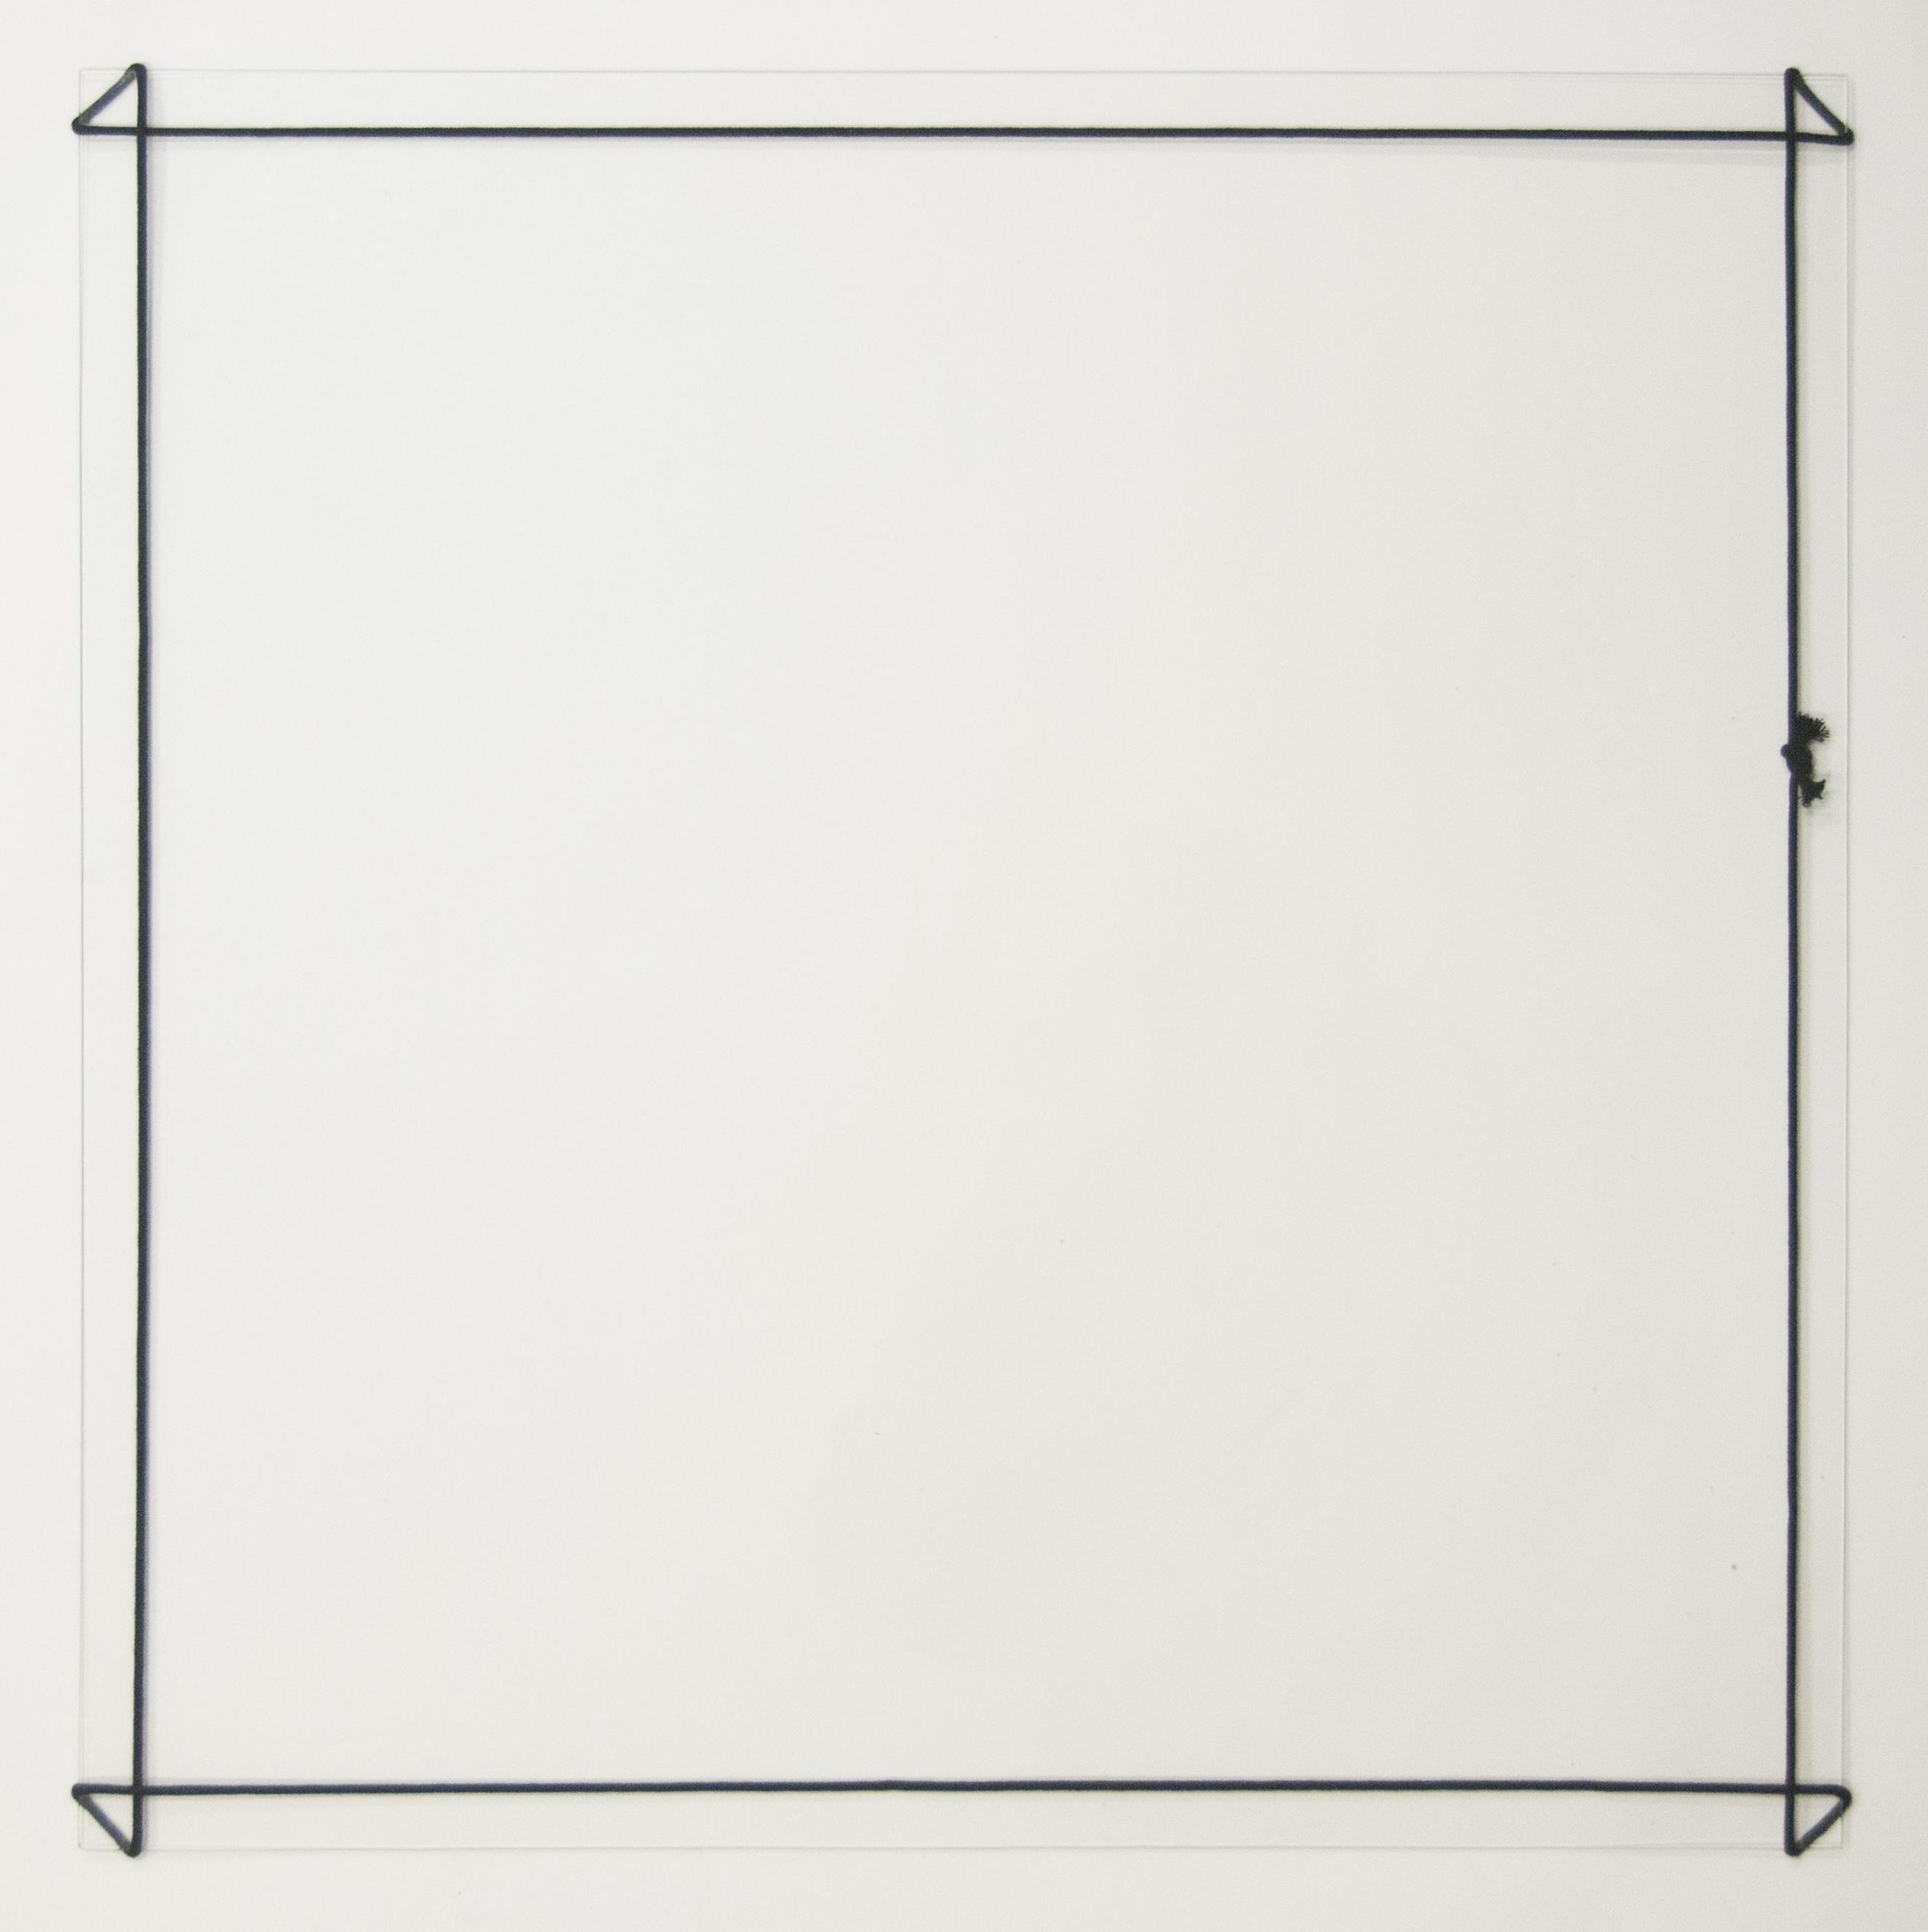 Vierkant van zwart koord 2